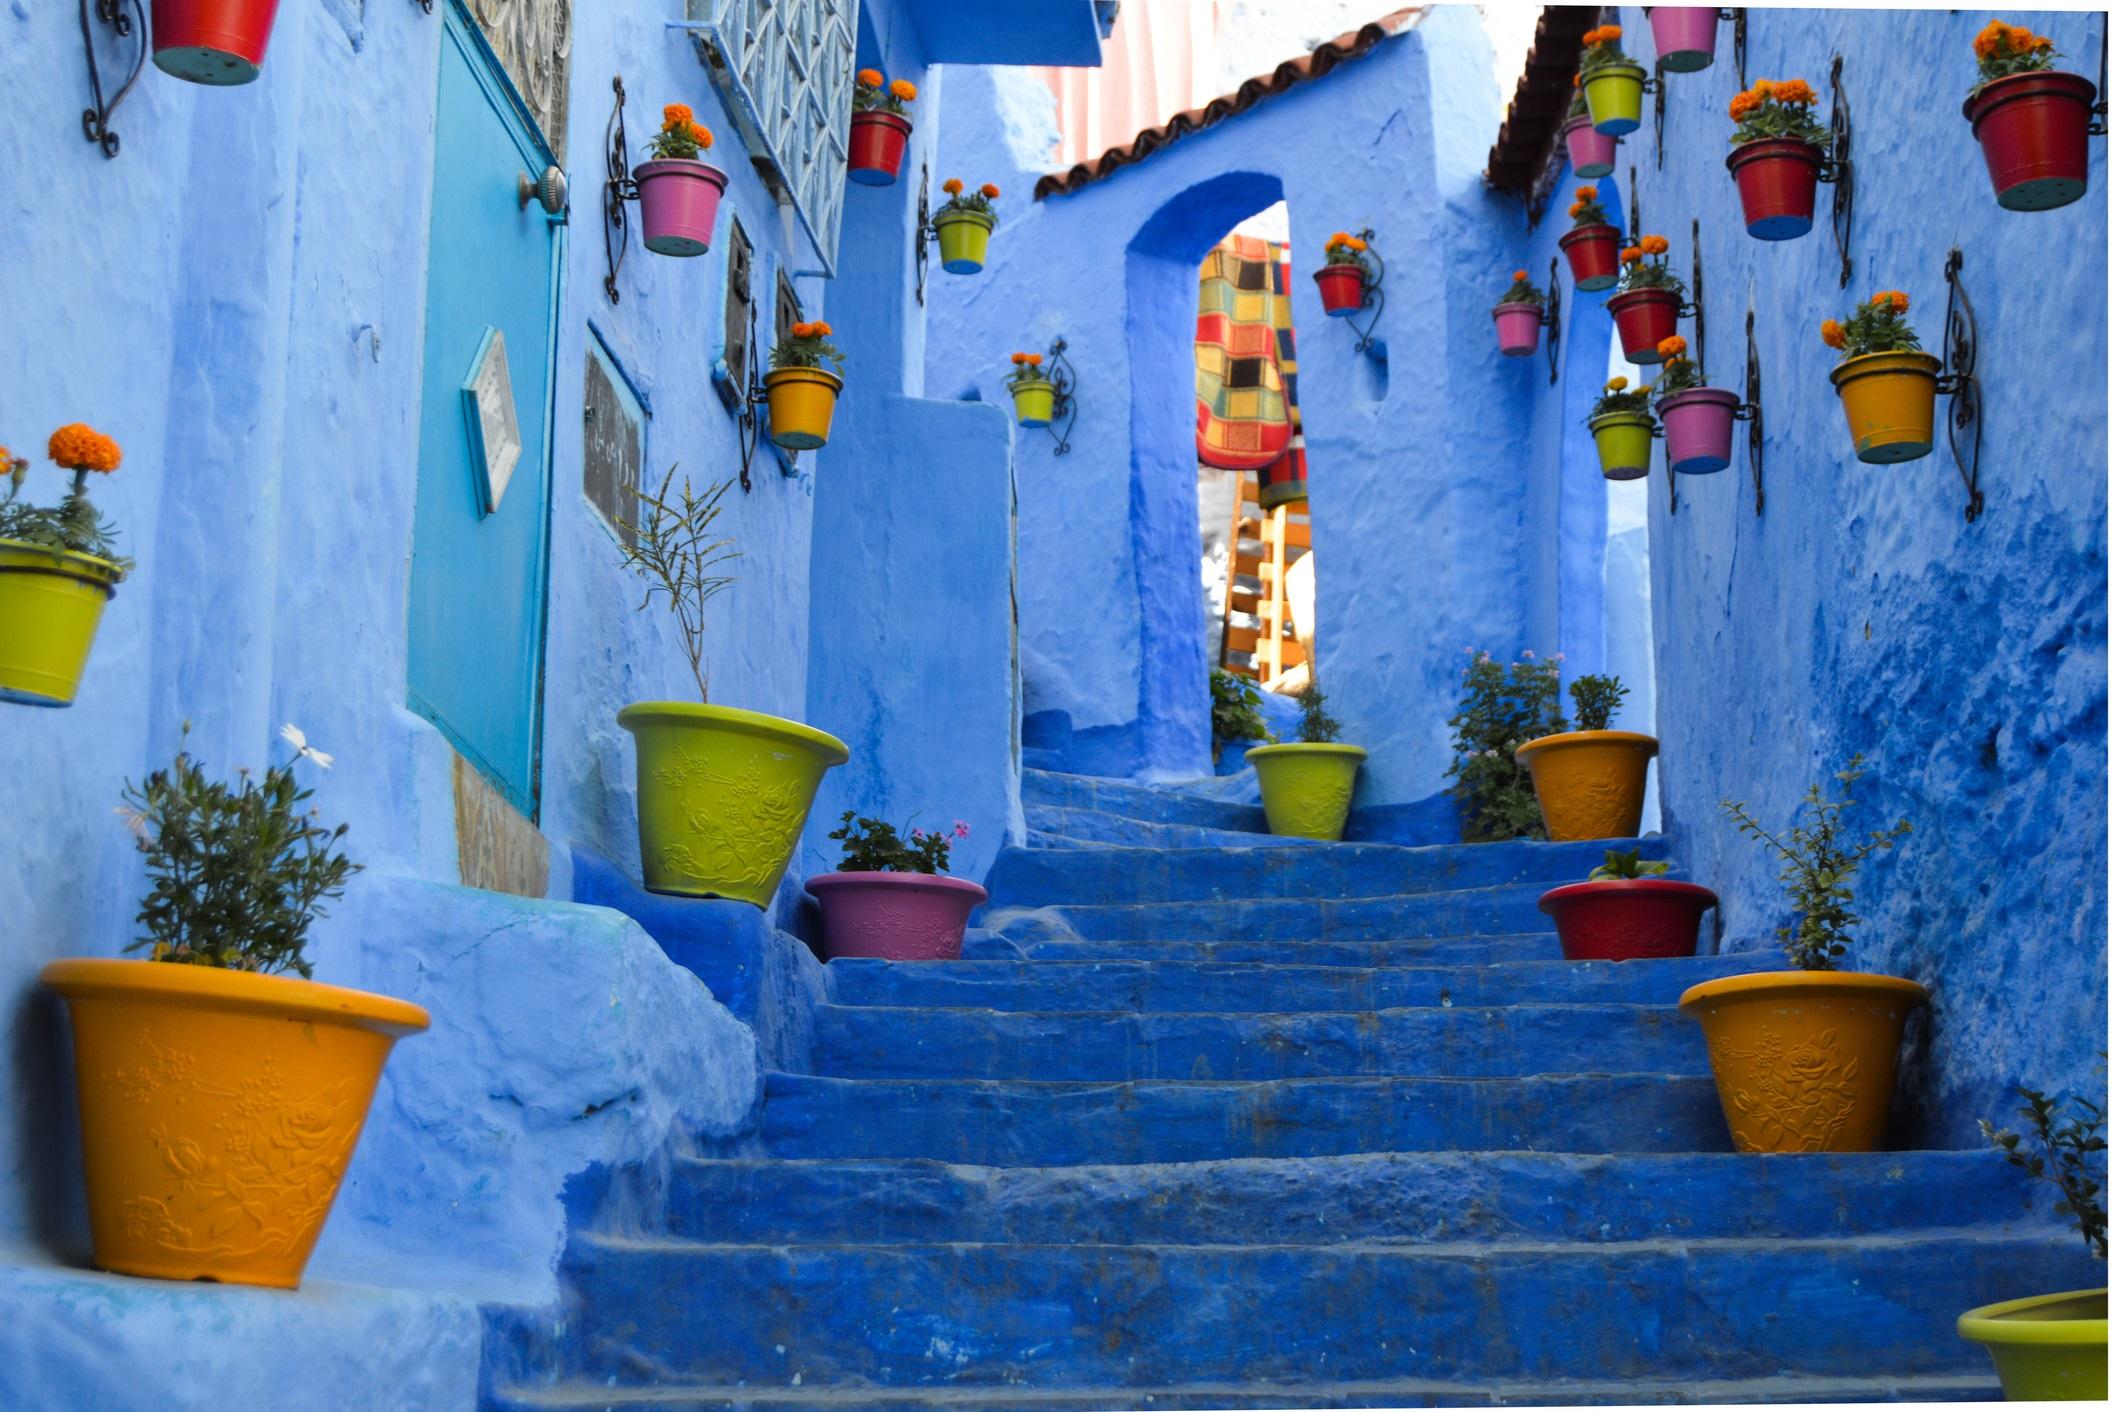 Имперски градове и Гибралтар – Мароко между два свята